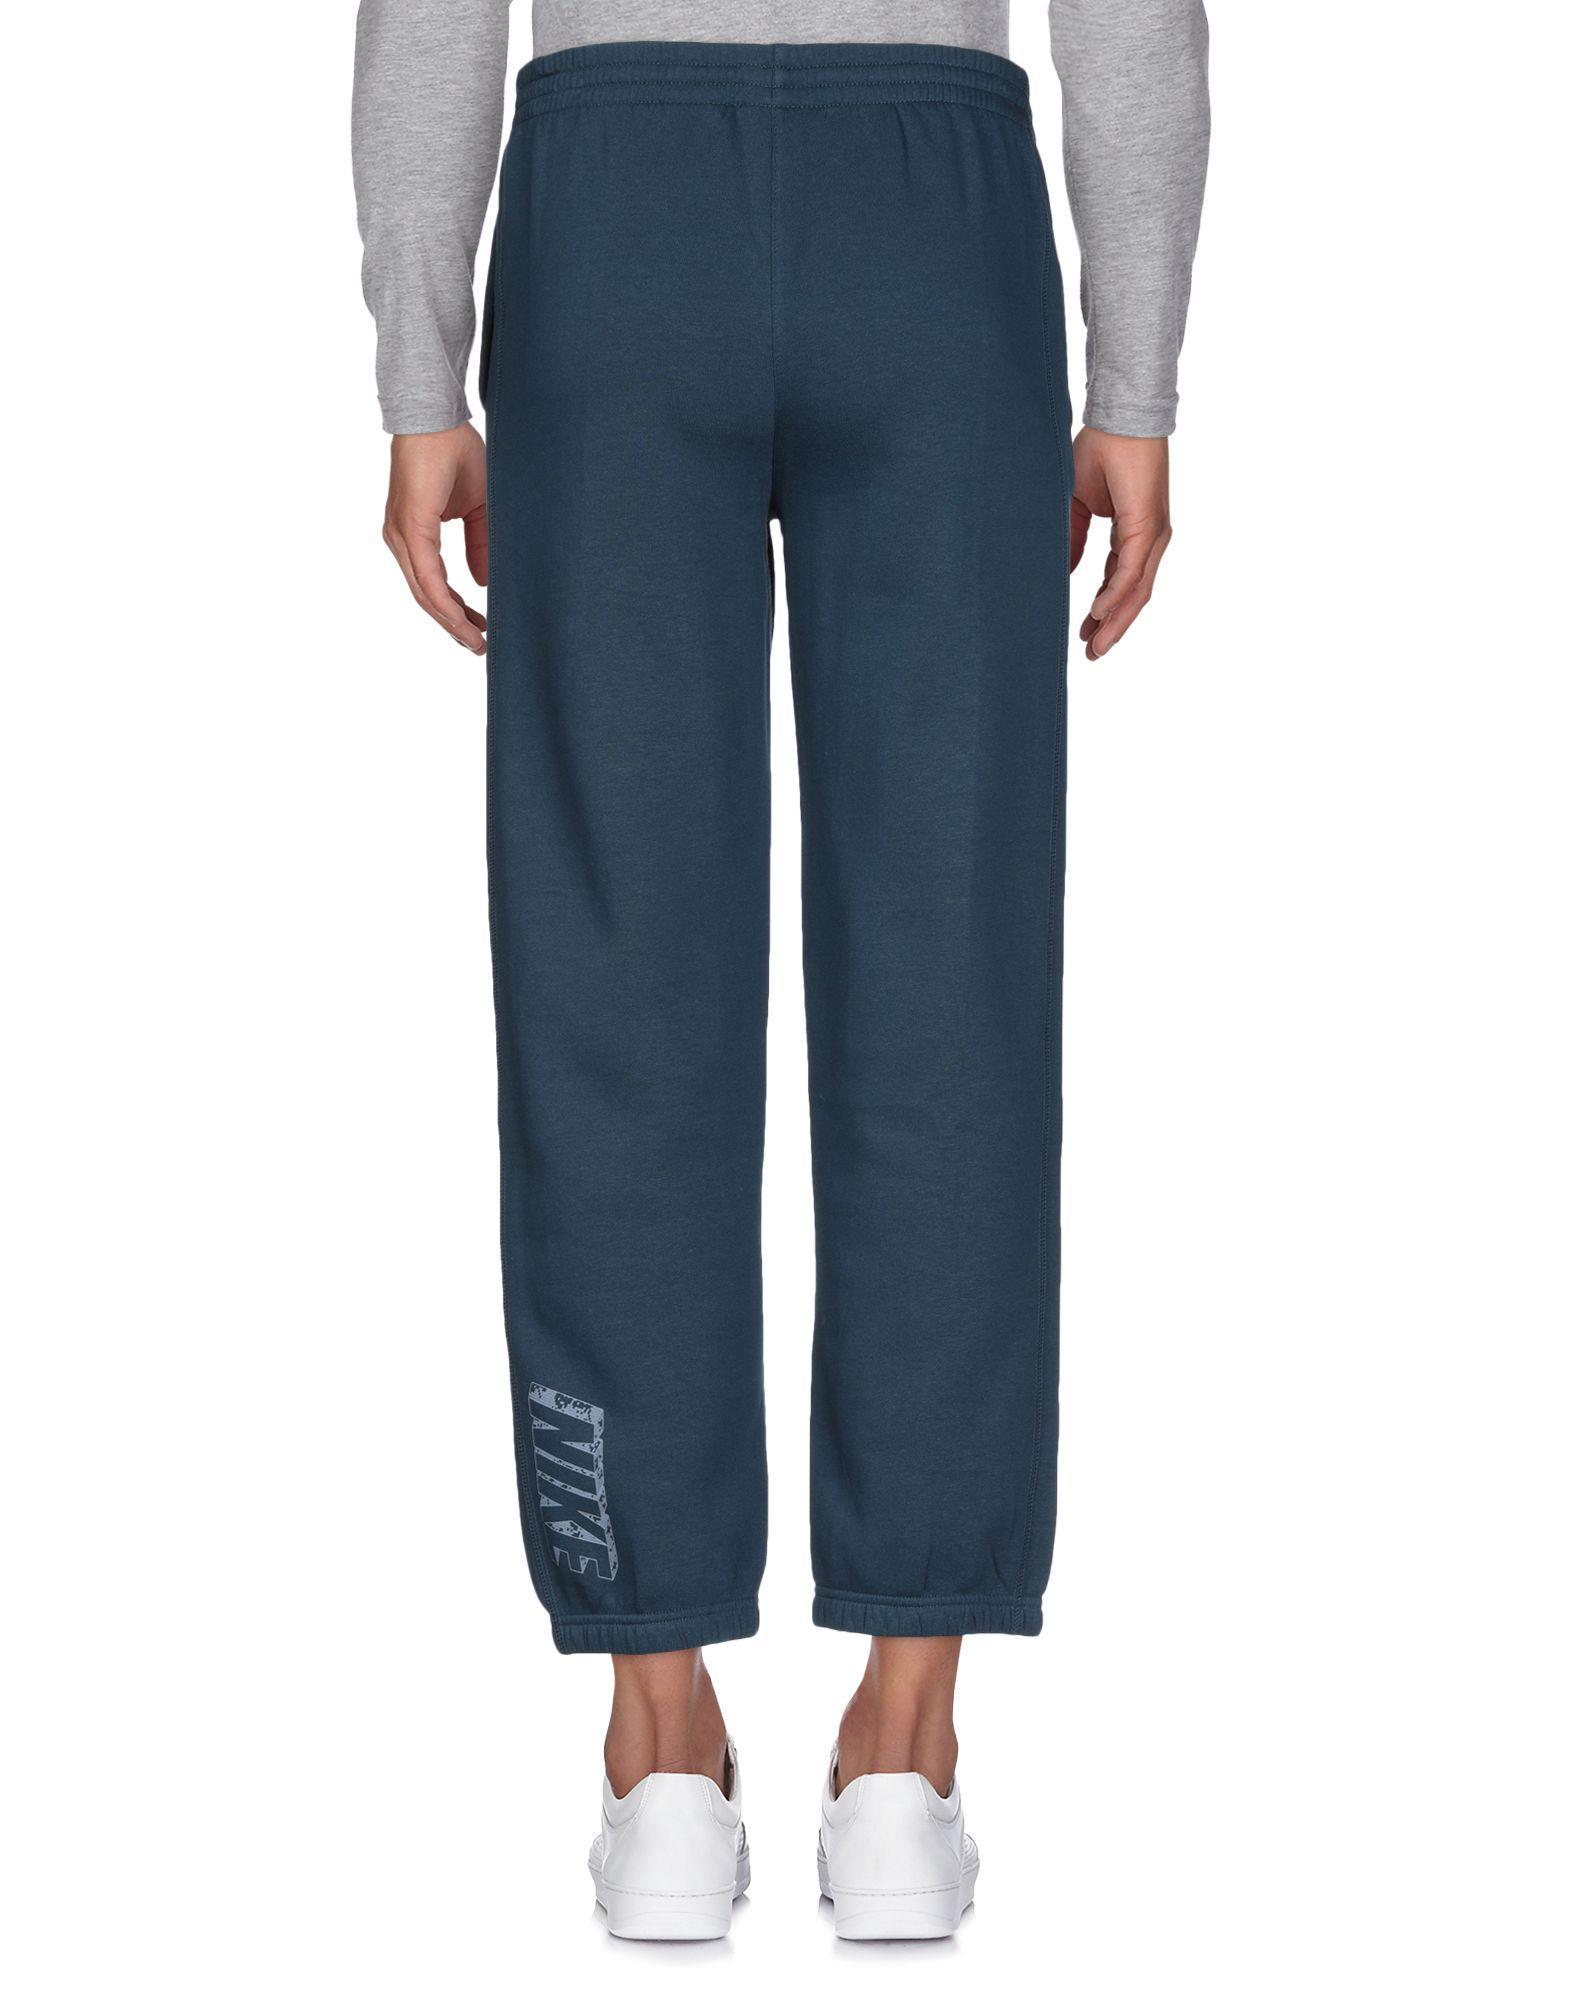 Nike Fleece Casual Pants in Dark Blue (Blue) for Men